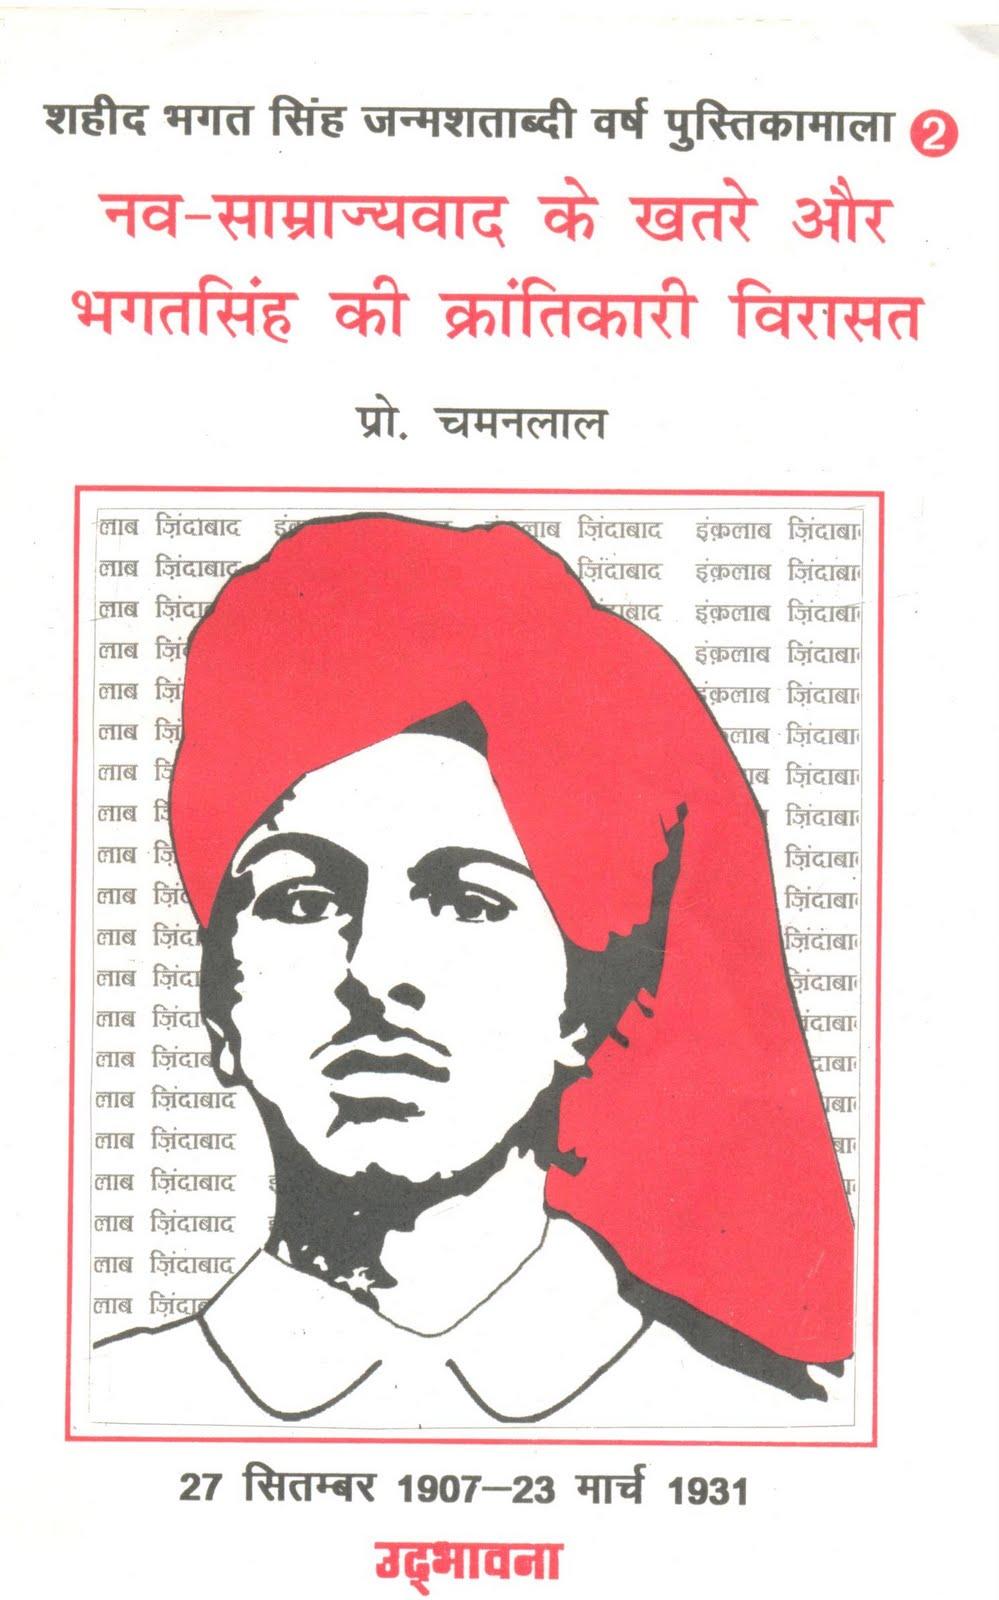 Short essay on bhagat singh in english